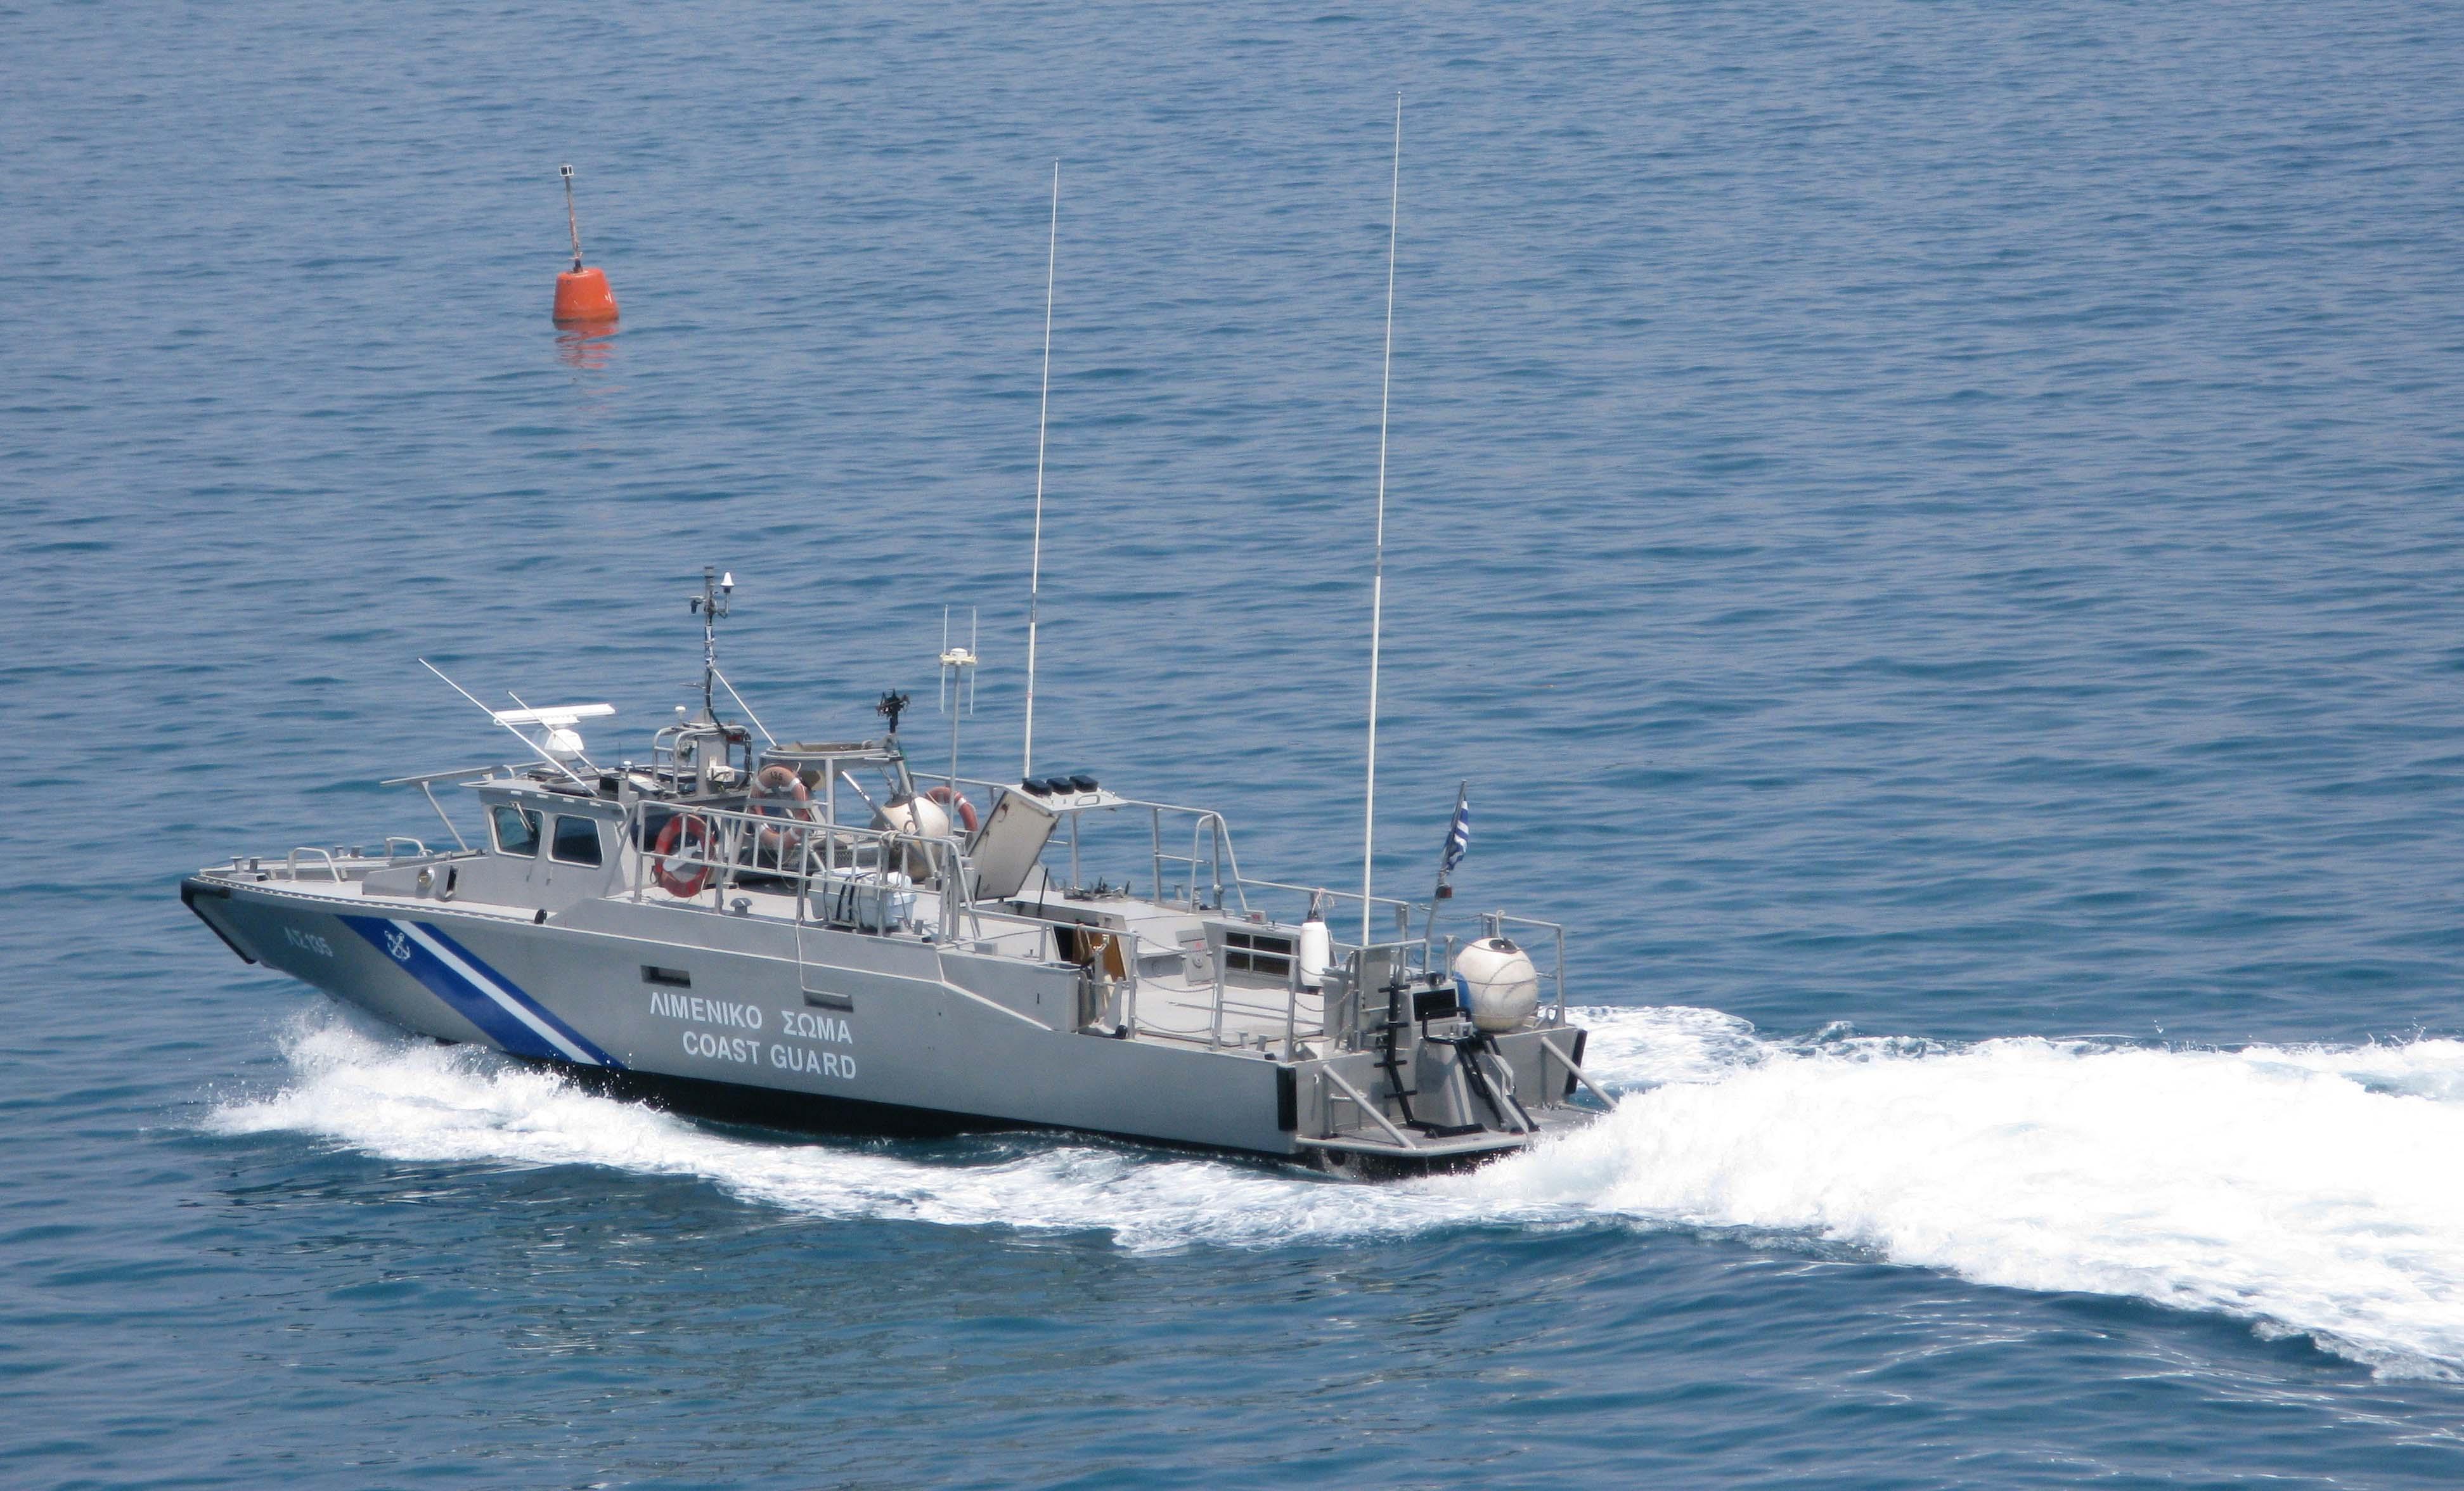 Κυπαρισσία: Ακυβέρνητο σκάφος με 50 επιβάτες! Πνέουν άνεμοι 9 μποφόρ